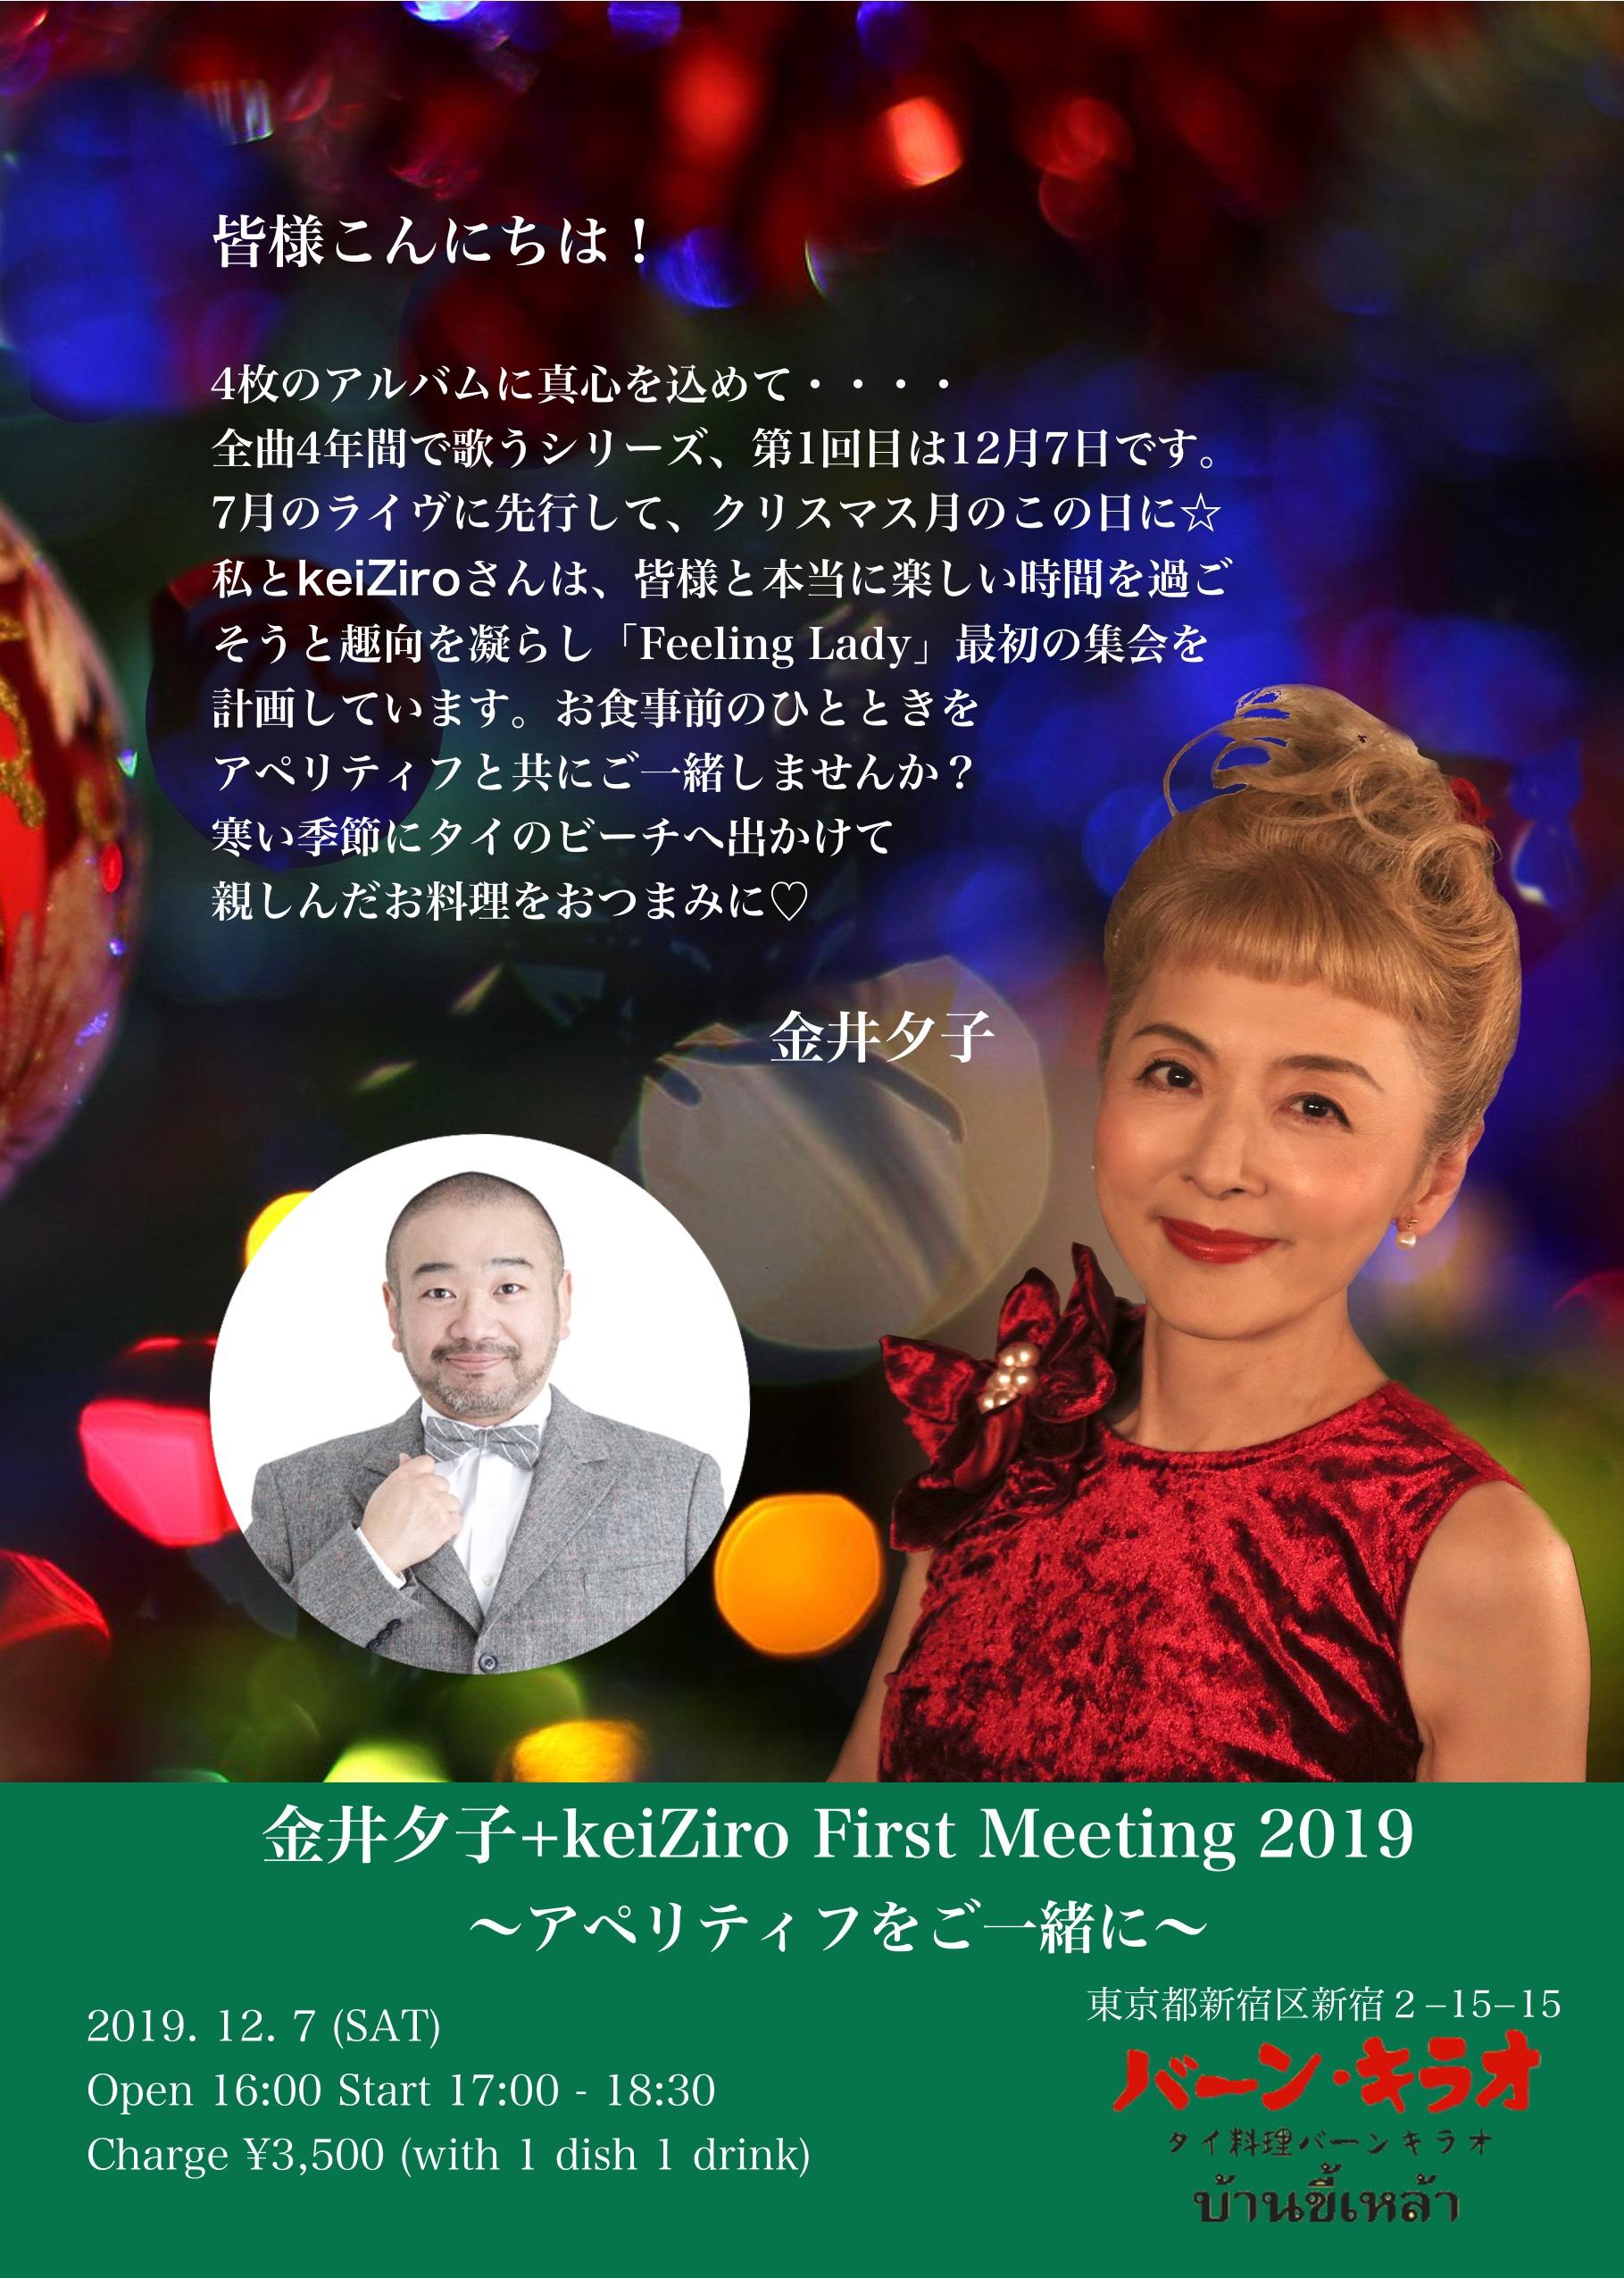 金井夕子 + keiZiroFirst Meeting 2019 ~アペリティフをご一緒に~